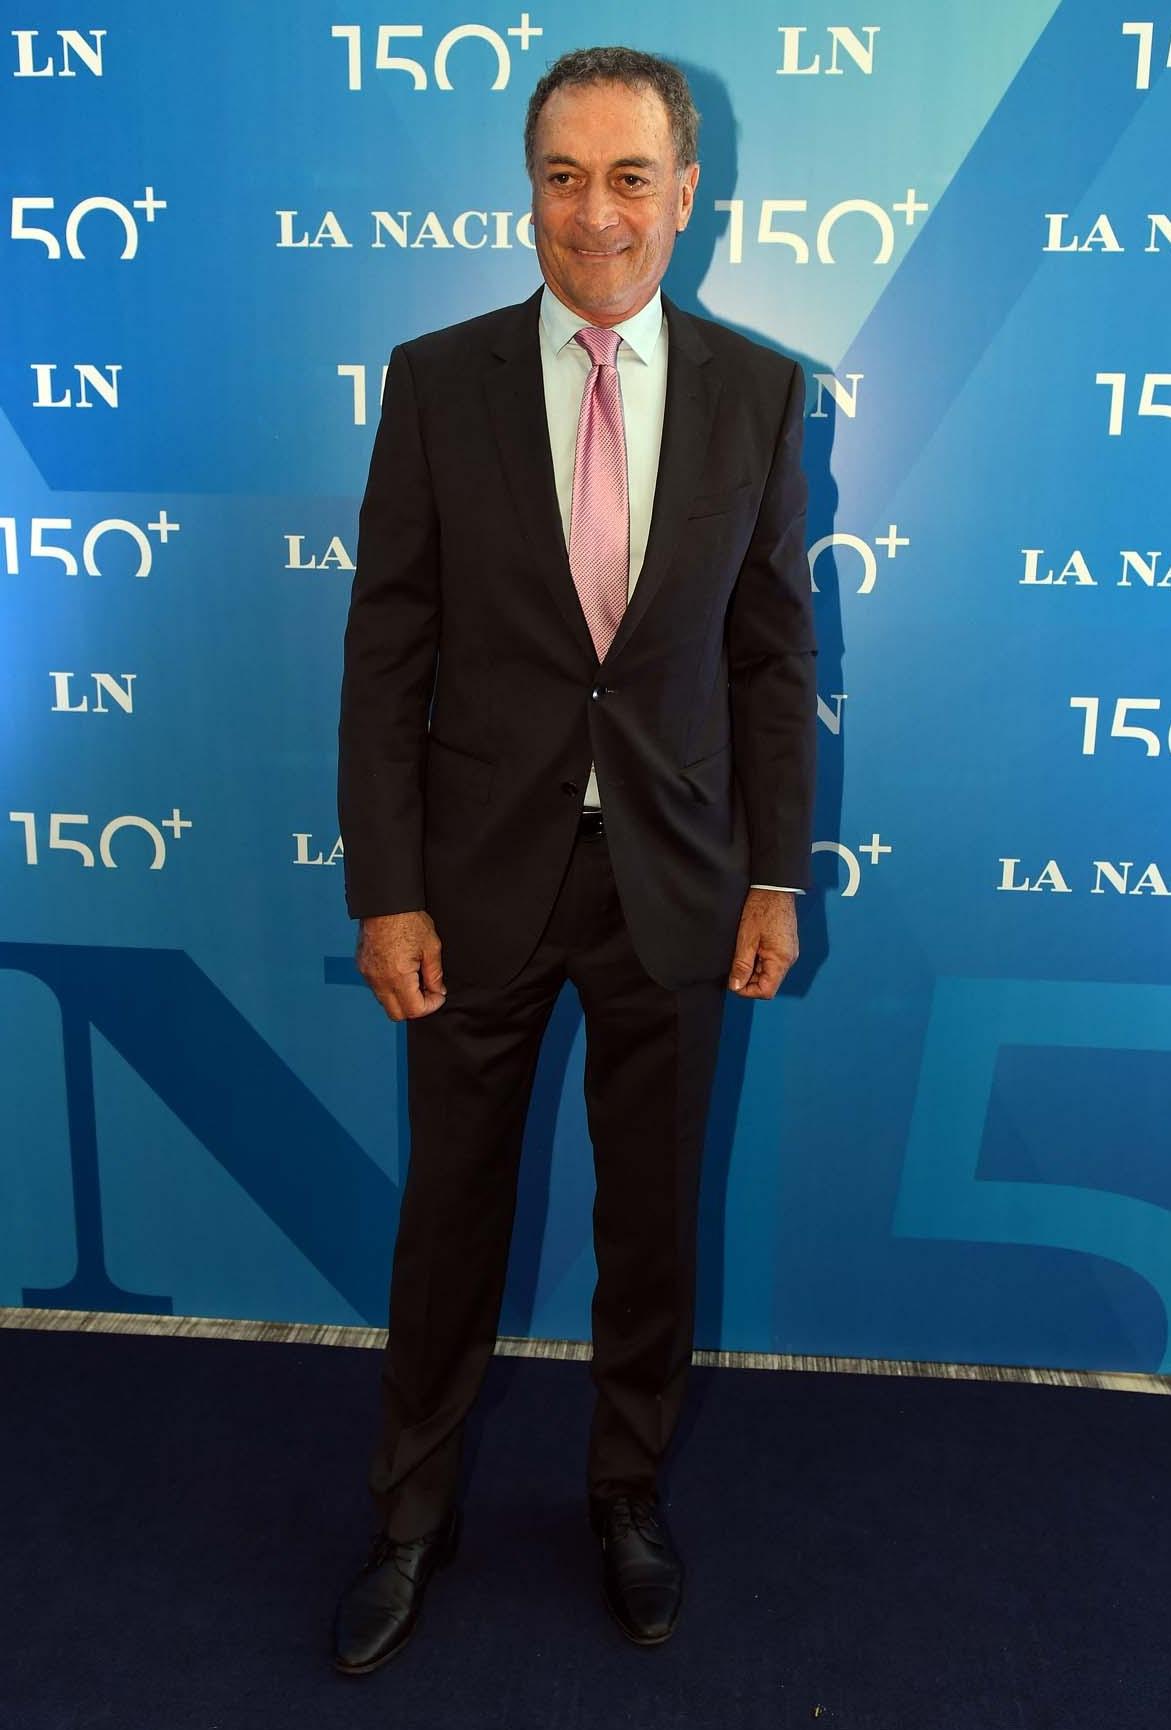 El ex tenista José Luis Clerc